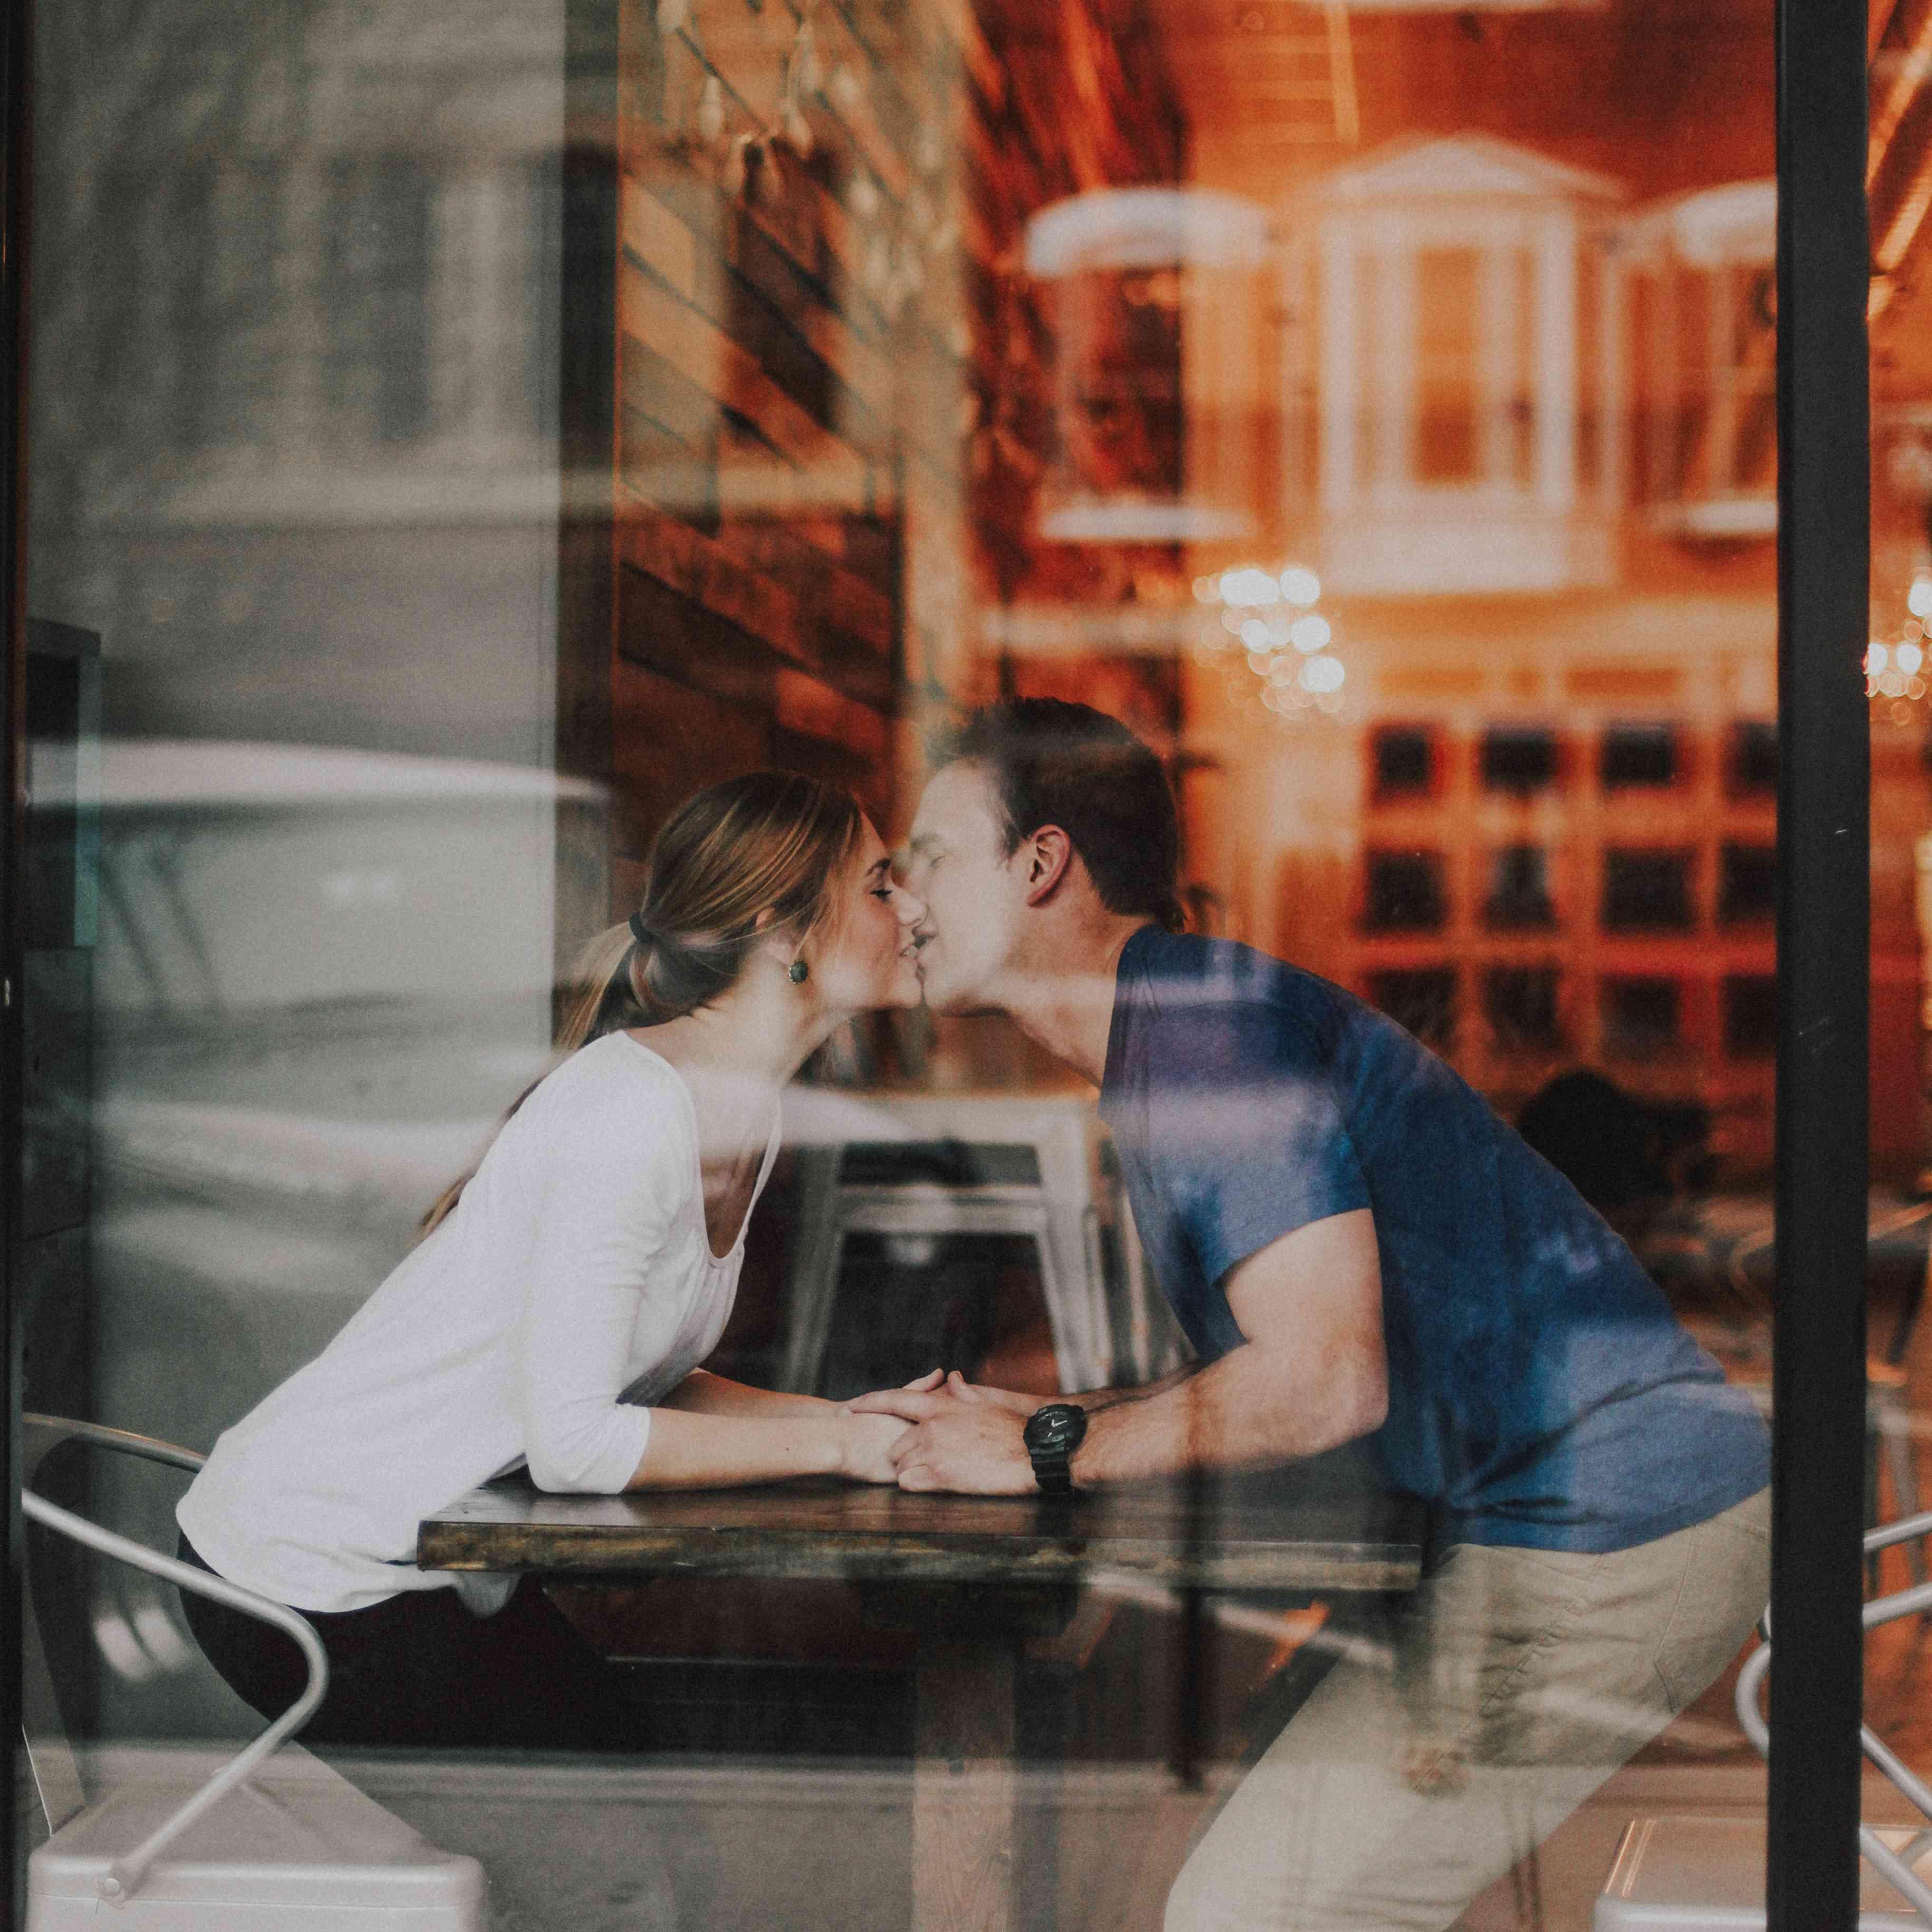 Couple kissing inside window